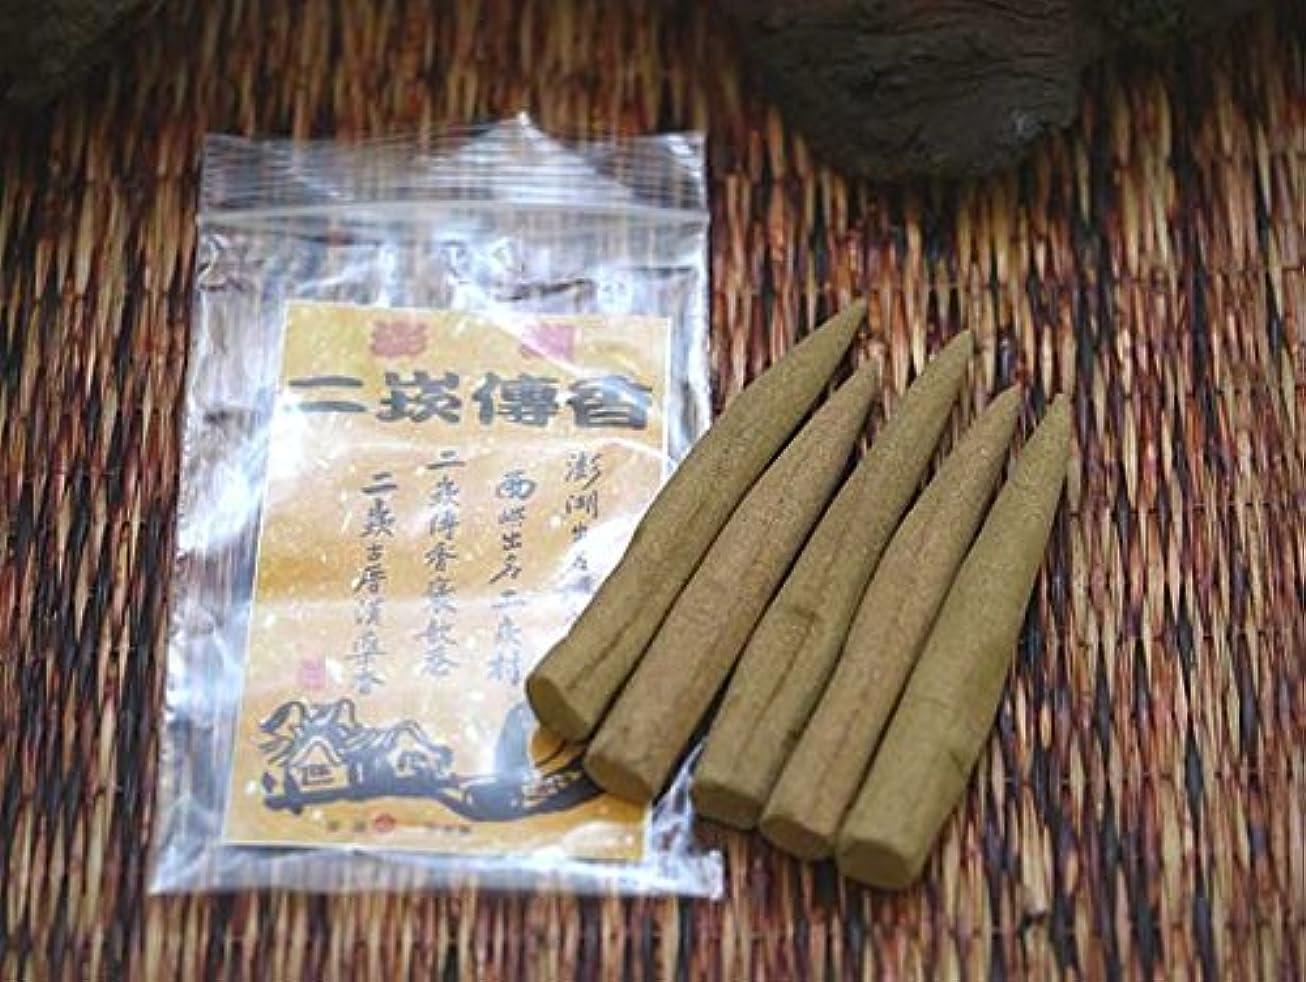 不満ベーシックプロフェッショナルニガンハクコウ 【二 傳香(小)】台湾は澎湖島でのみ作られている伝統的な魔除香